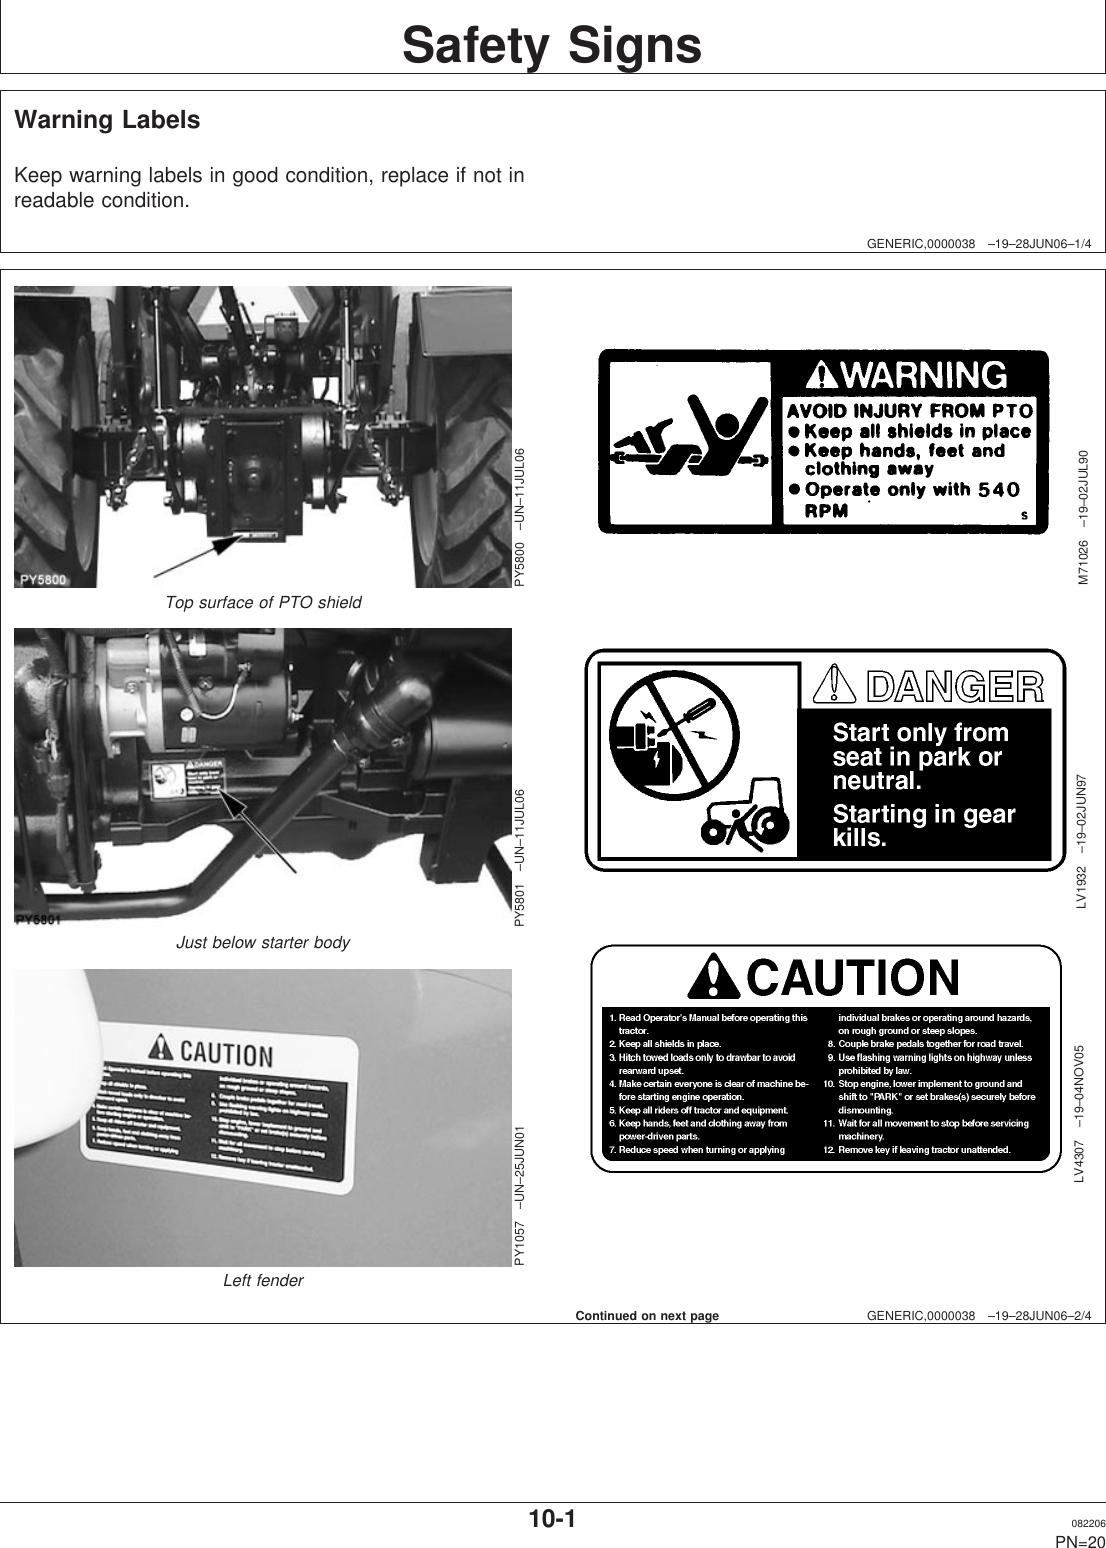 John Deere 5310 S Users Manual 013231UNIT